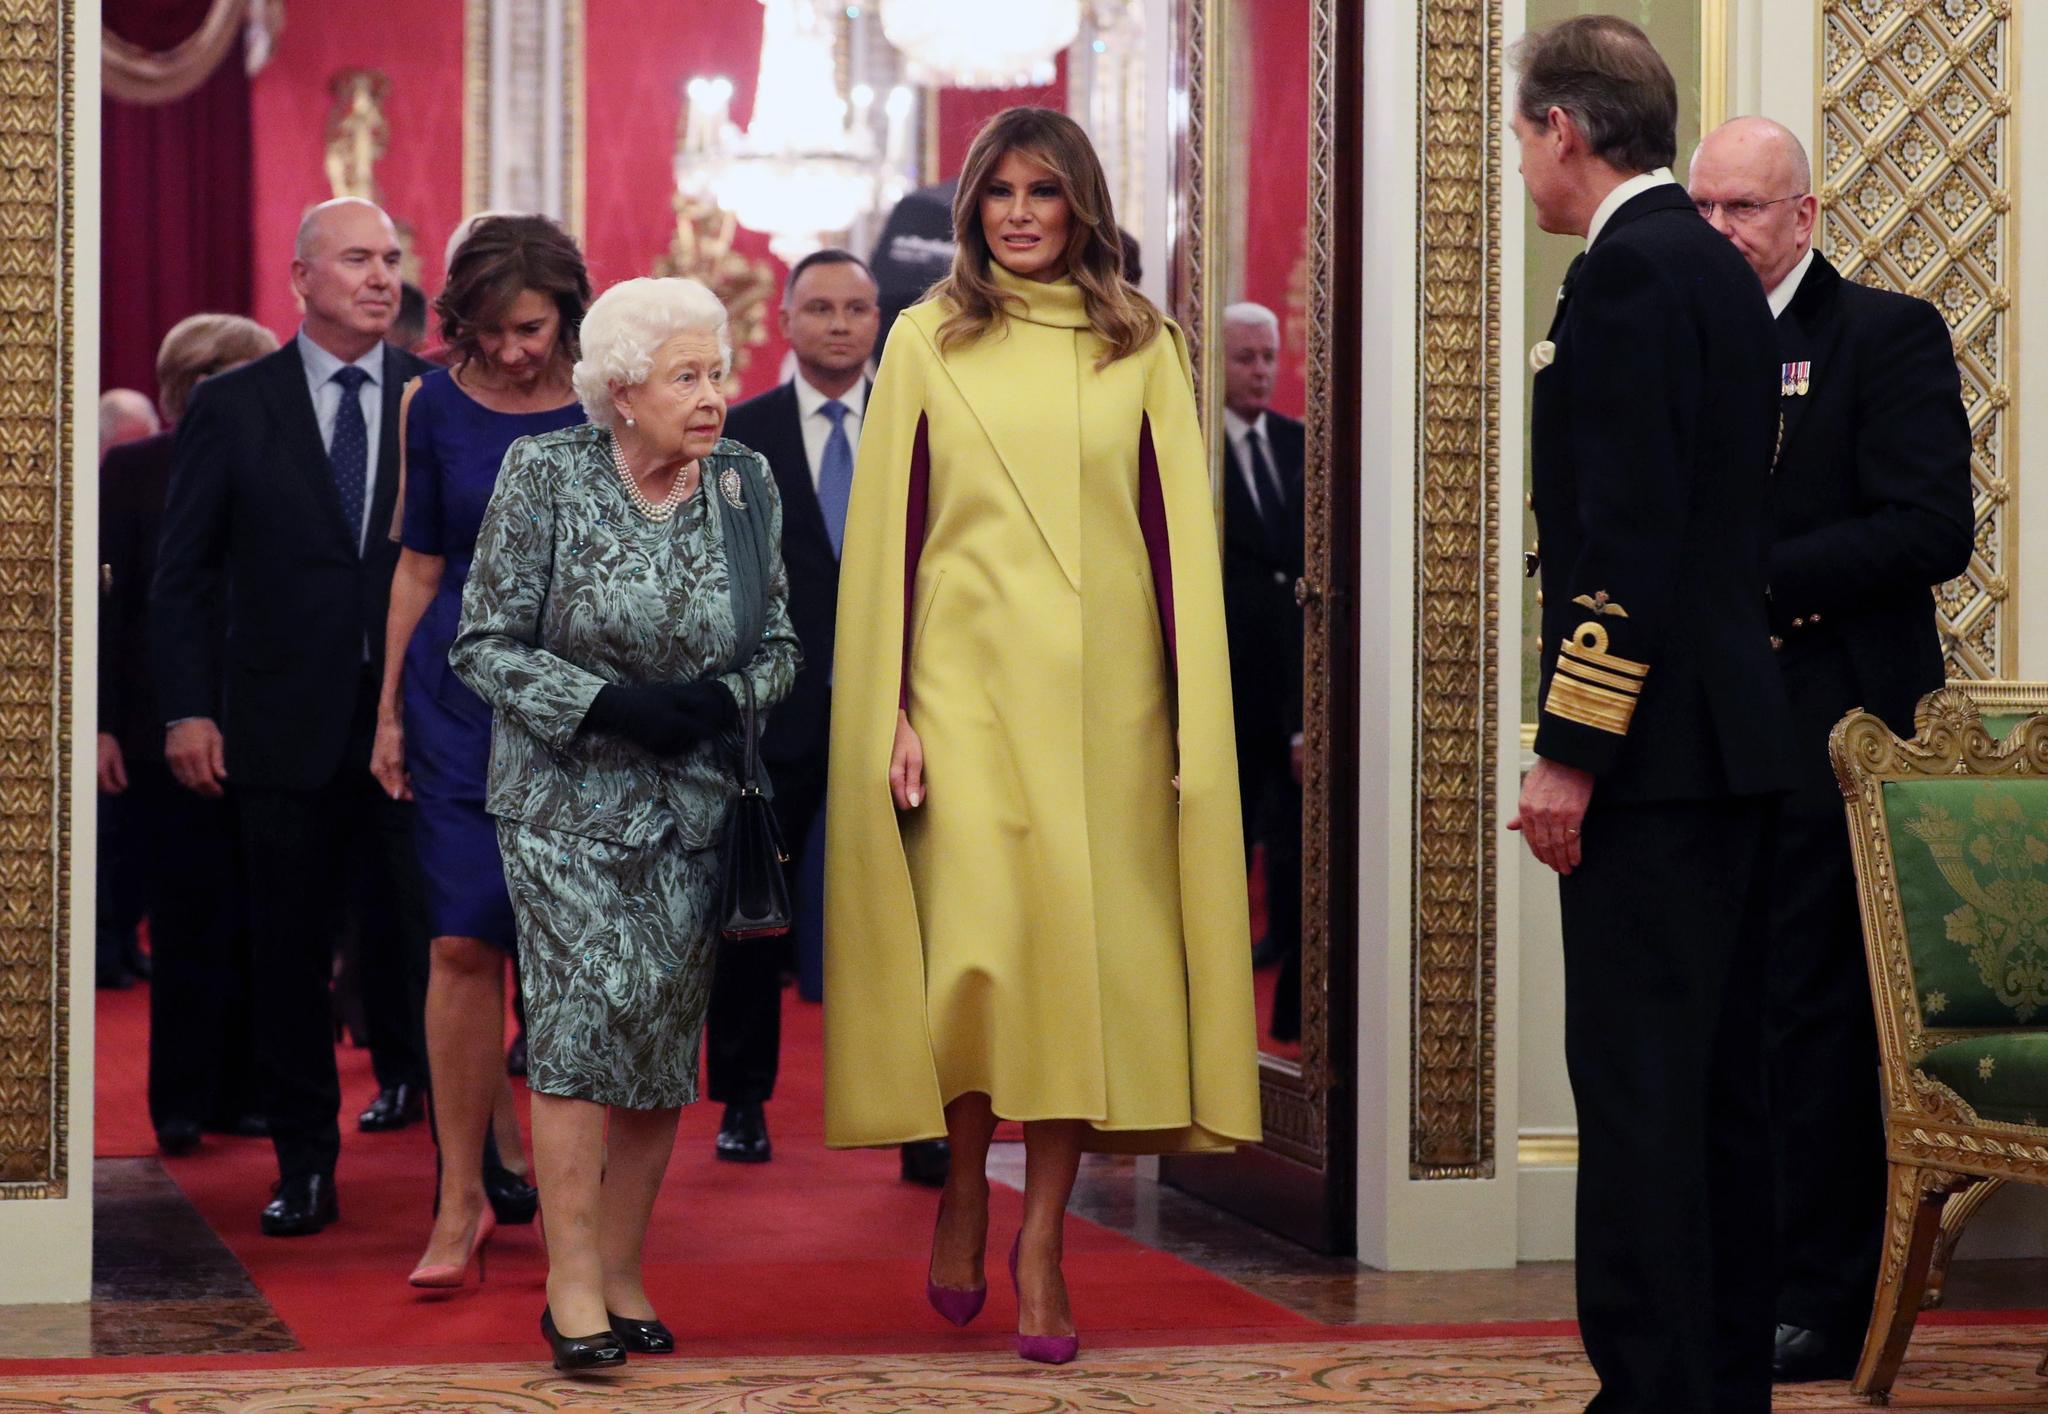 도널드 트럼프 미국 대통령의 부인 멜라니아 트럼프 여사(앞줄 왼쪽 둘째)가 3일(현지시간) 나토 정상회의에 앞서 런던 버킹엄궁에서 엘리자베스 2세 여왕 주최 리셉션에 여왕(앞줄 왼쪽)과 함께 참석하고 있다. [EPA=연합뉴스]